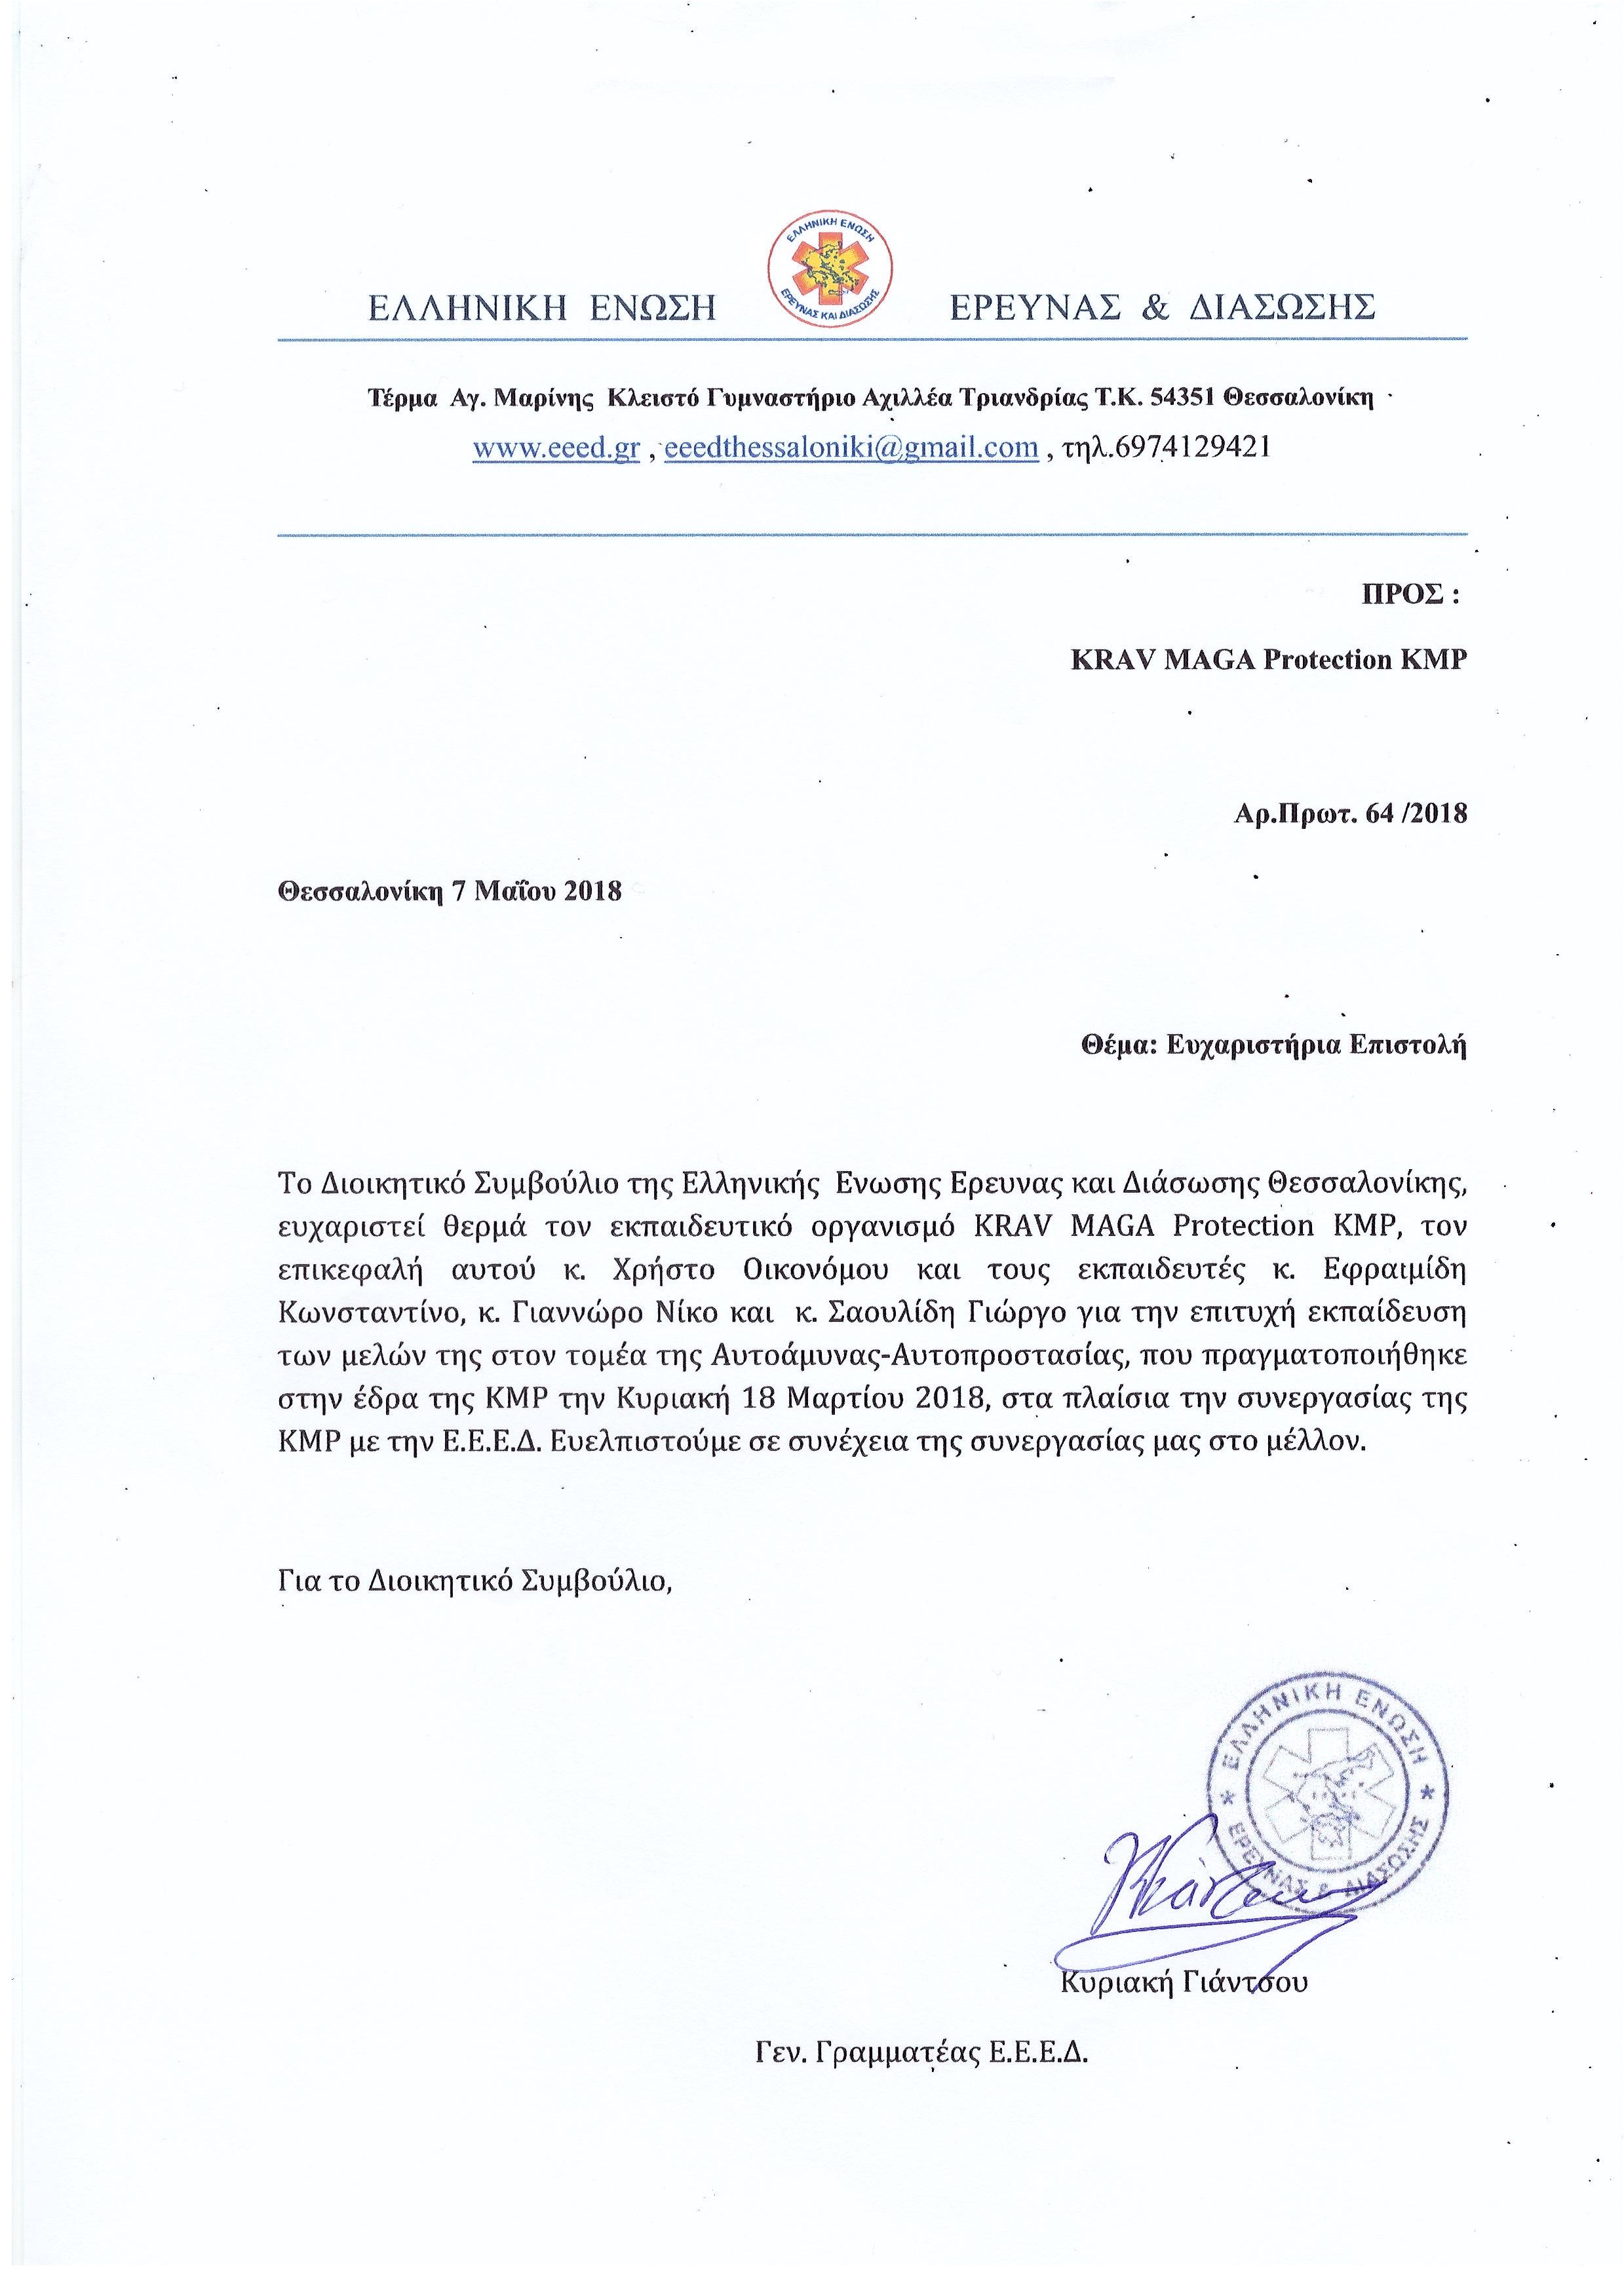 Ευχαριστήρια επιστολή της Ελληνικής Ένωσης Έρευνας & Διασωσης προς την KMP